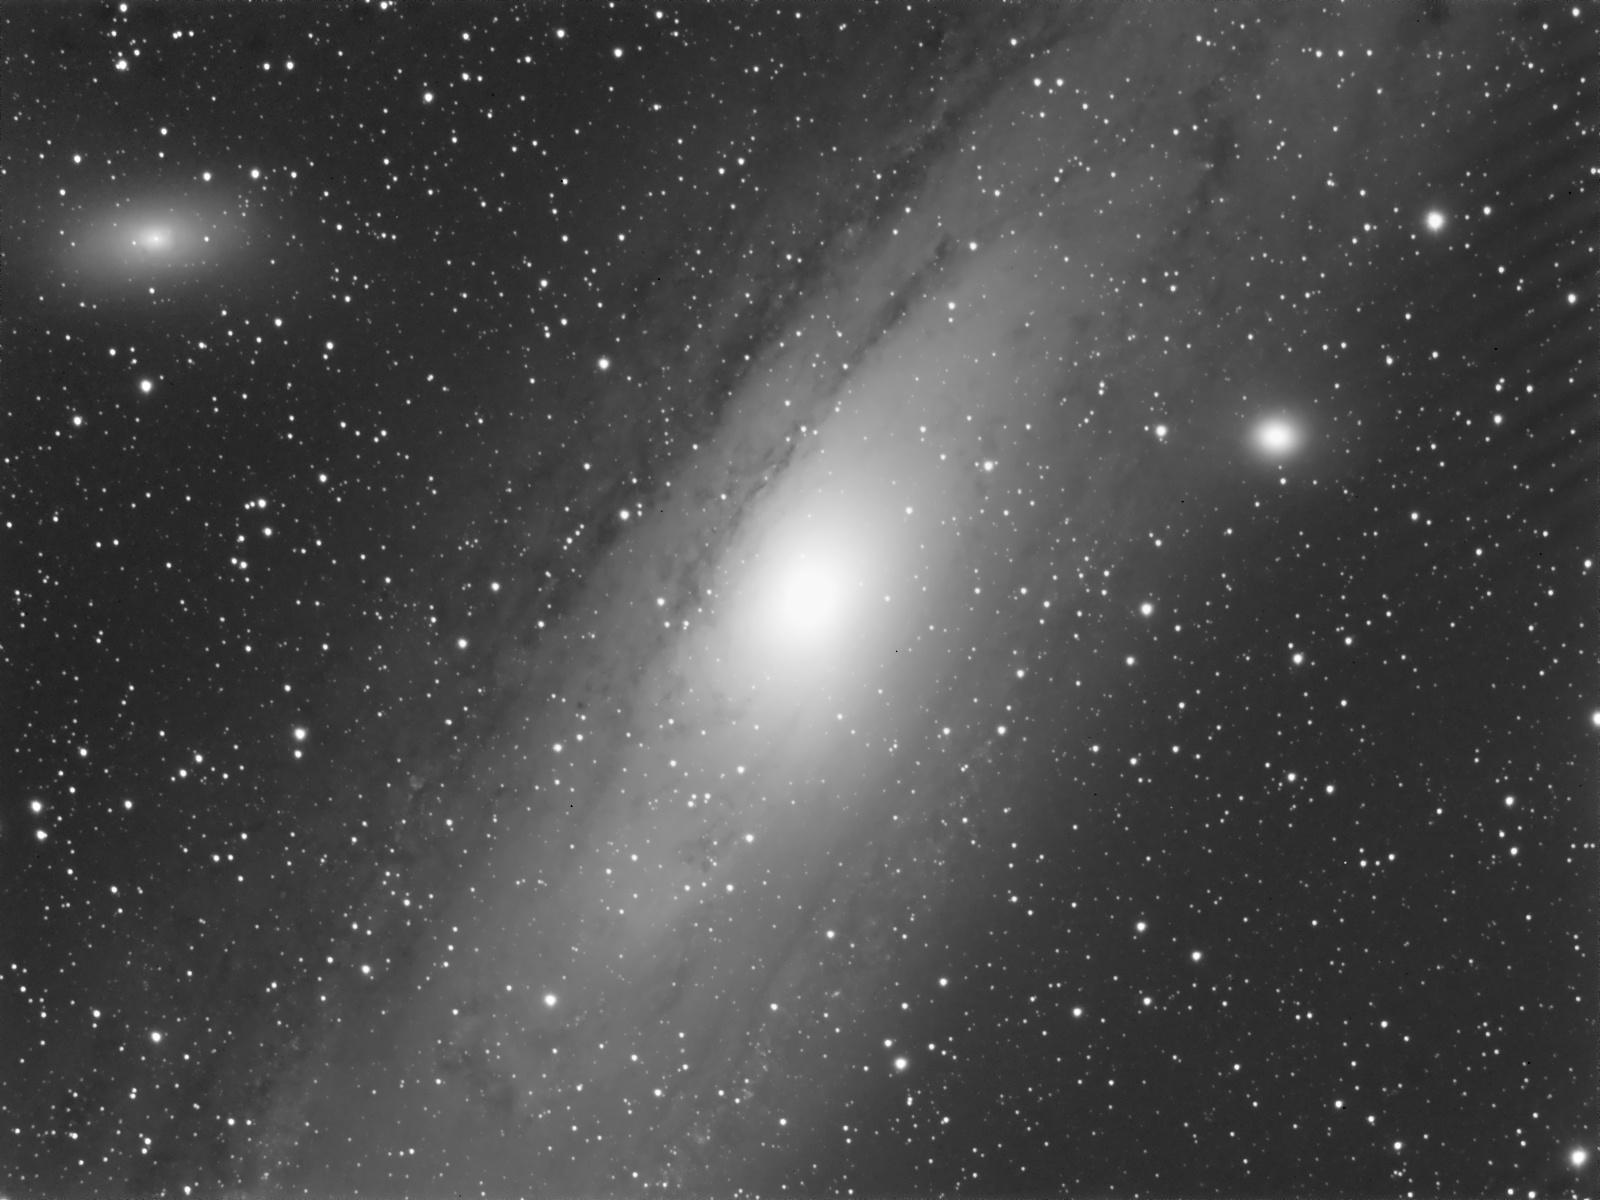 M31_L600_DBE_clone.jpg.25939d0a972dcff070c7326d46166a29.jpg